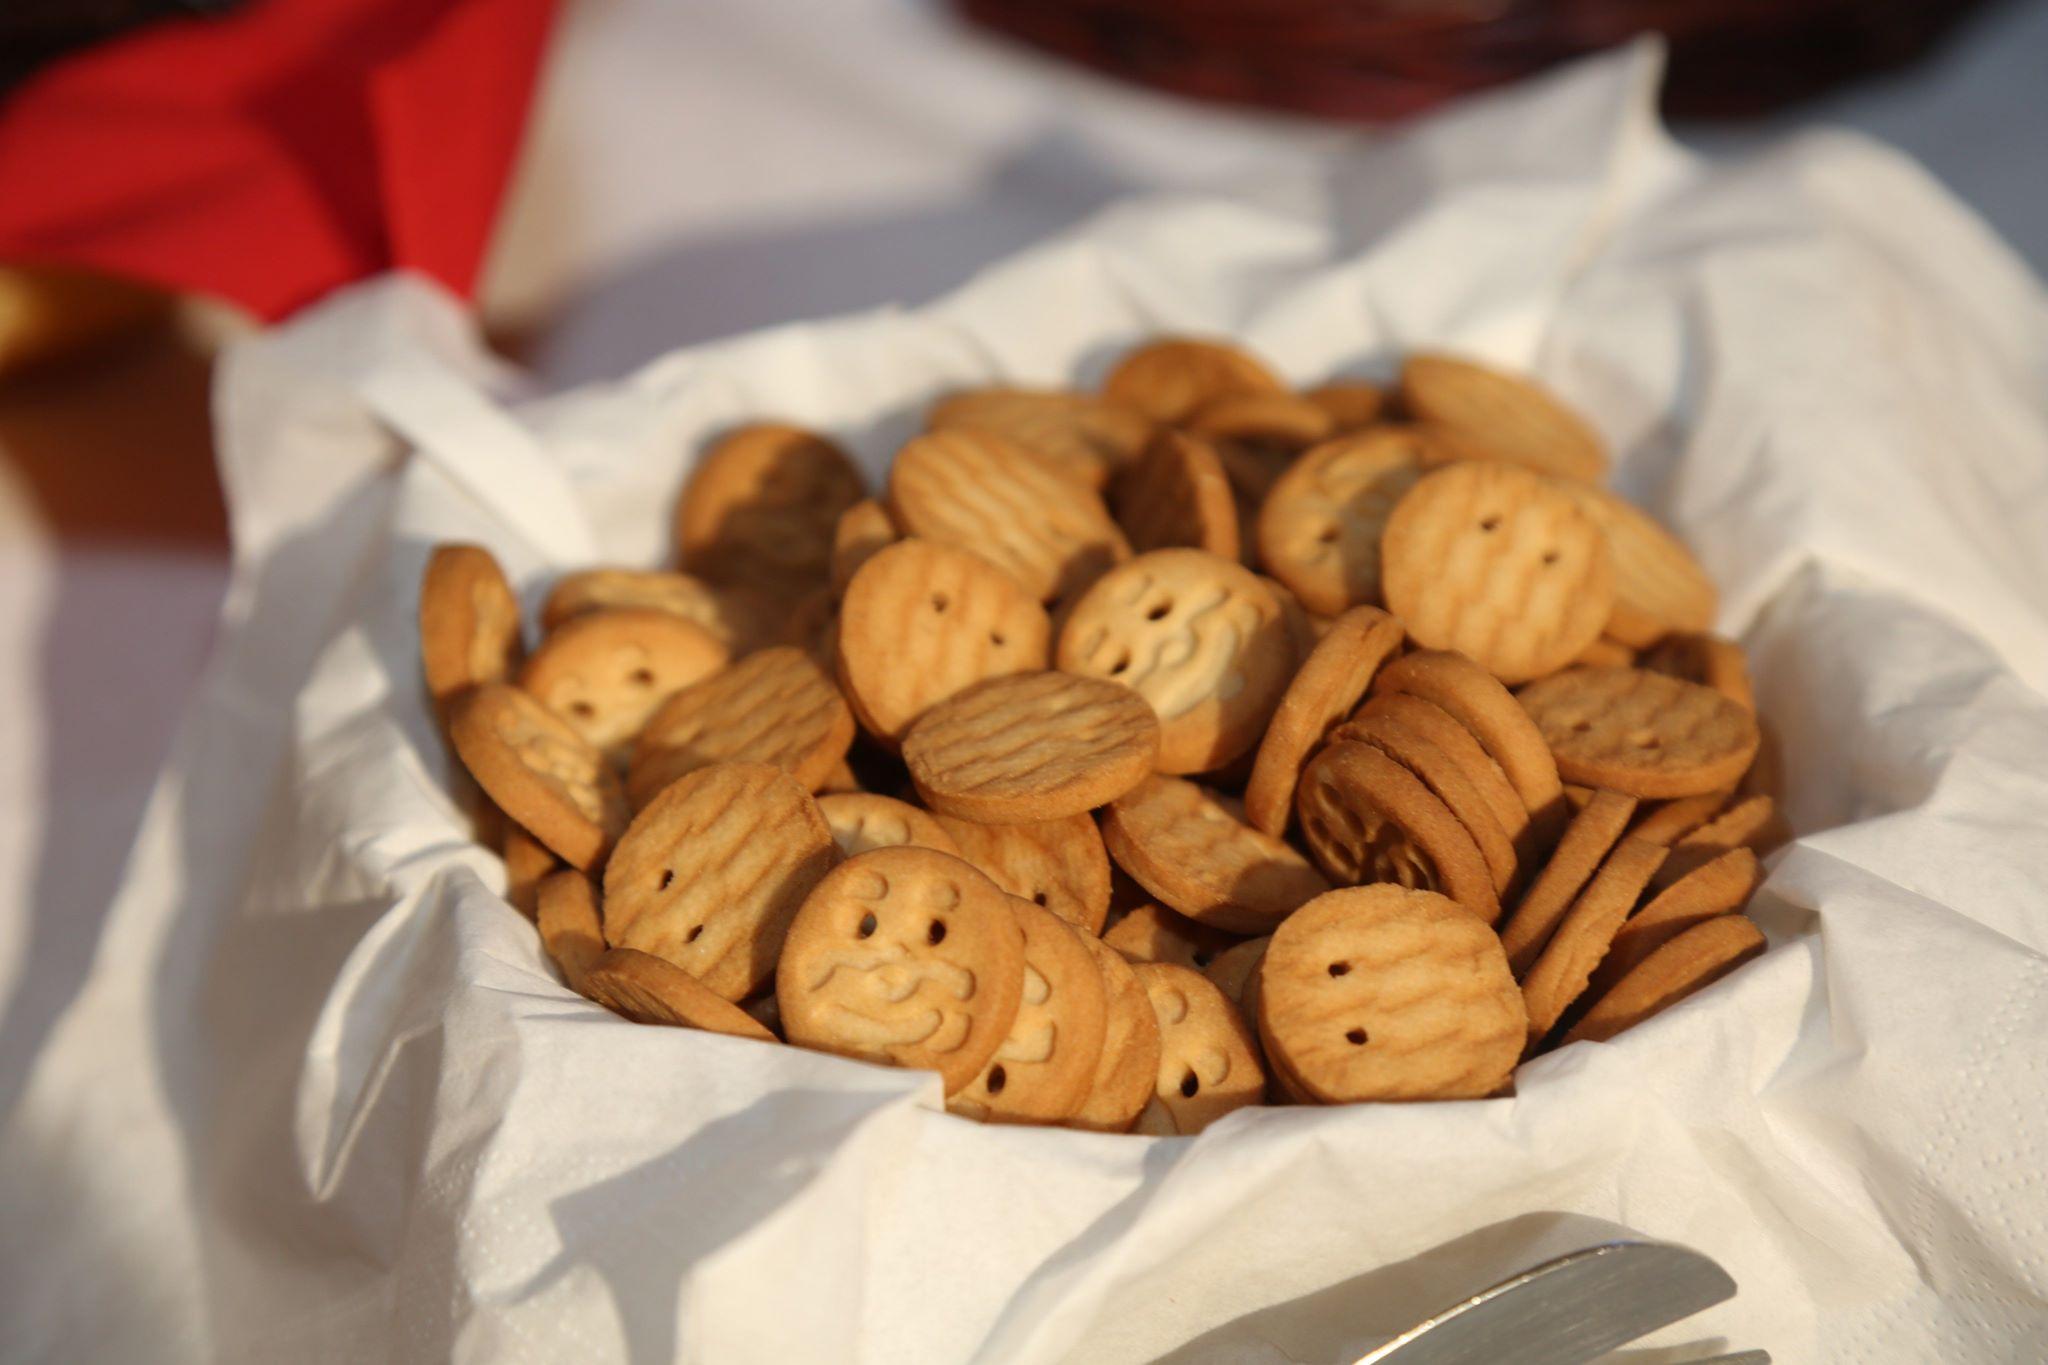 """60494923_2776184265757569_8776116145766793216_n """"Талх чихэр""""-ийн жигнэмэг эрүүл, аюулгүй, Хүүхдийн баярын хамгийн чанартай бэлэг"""